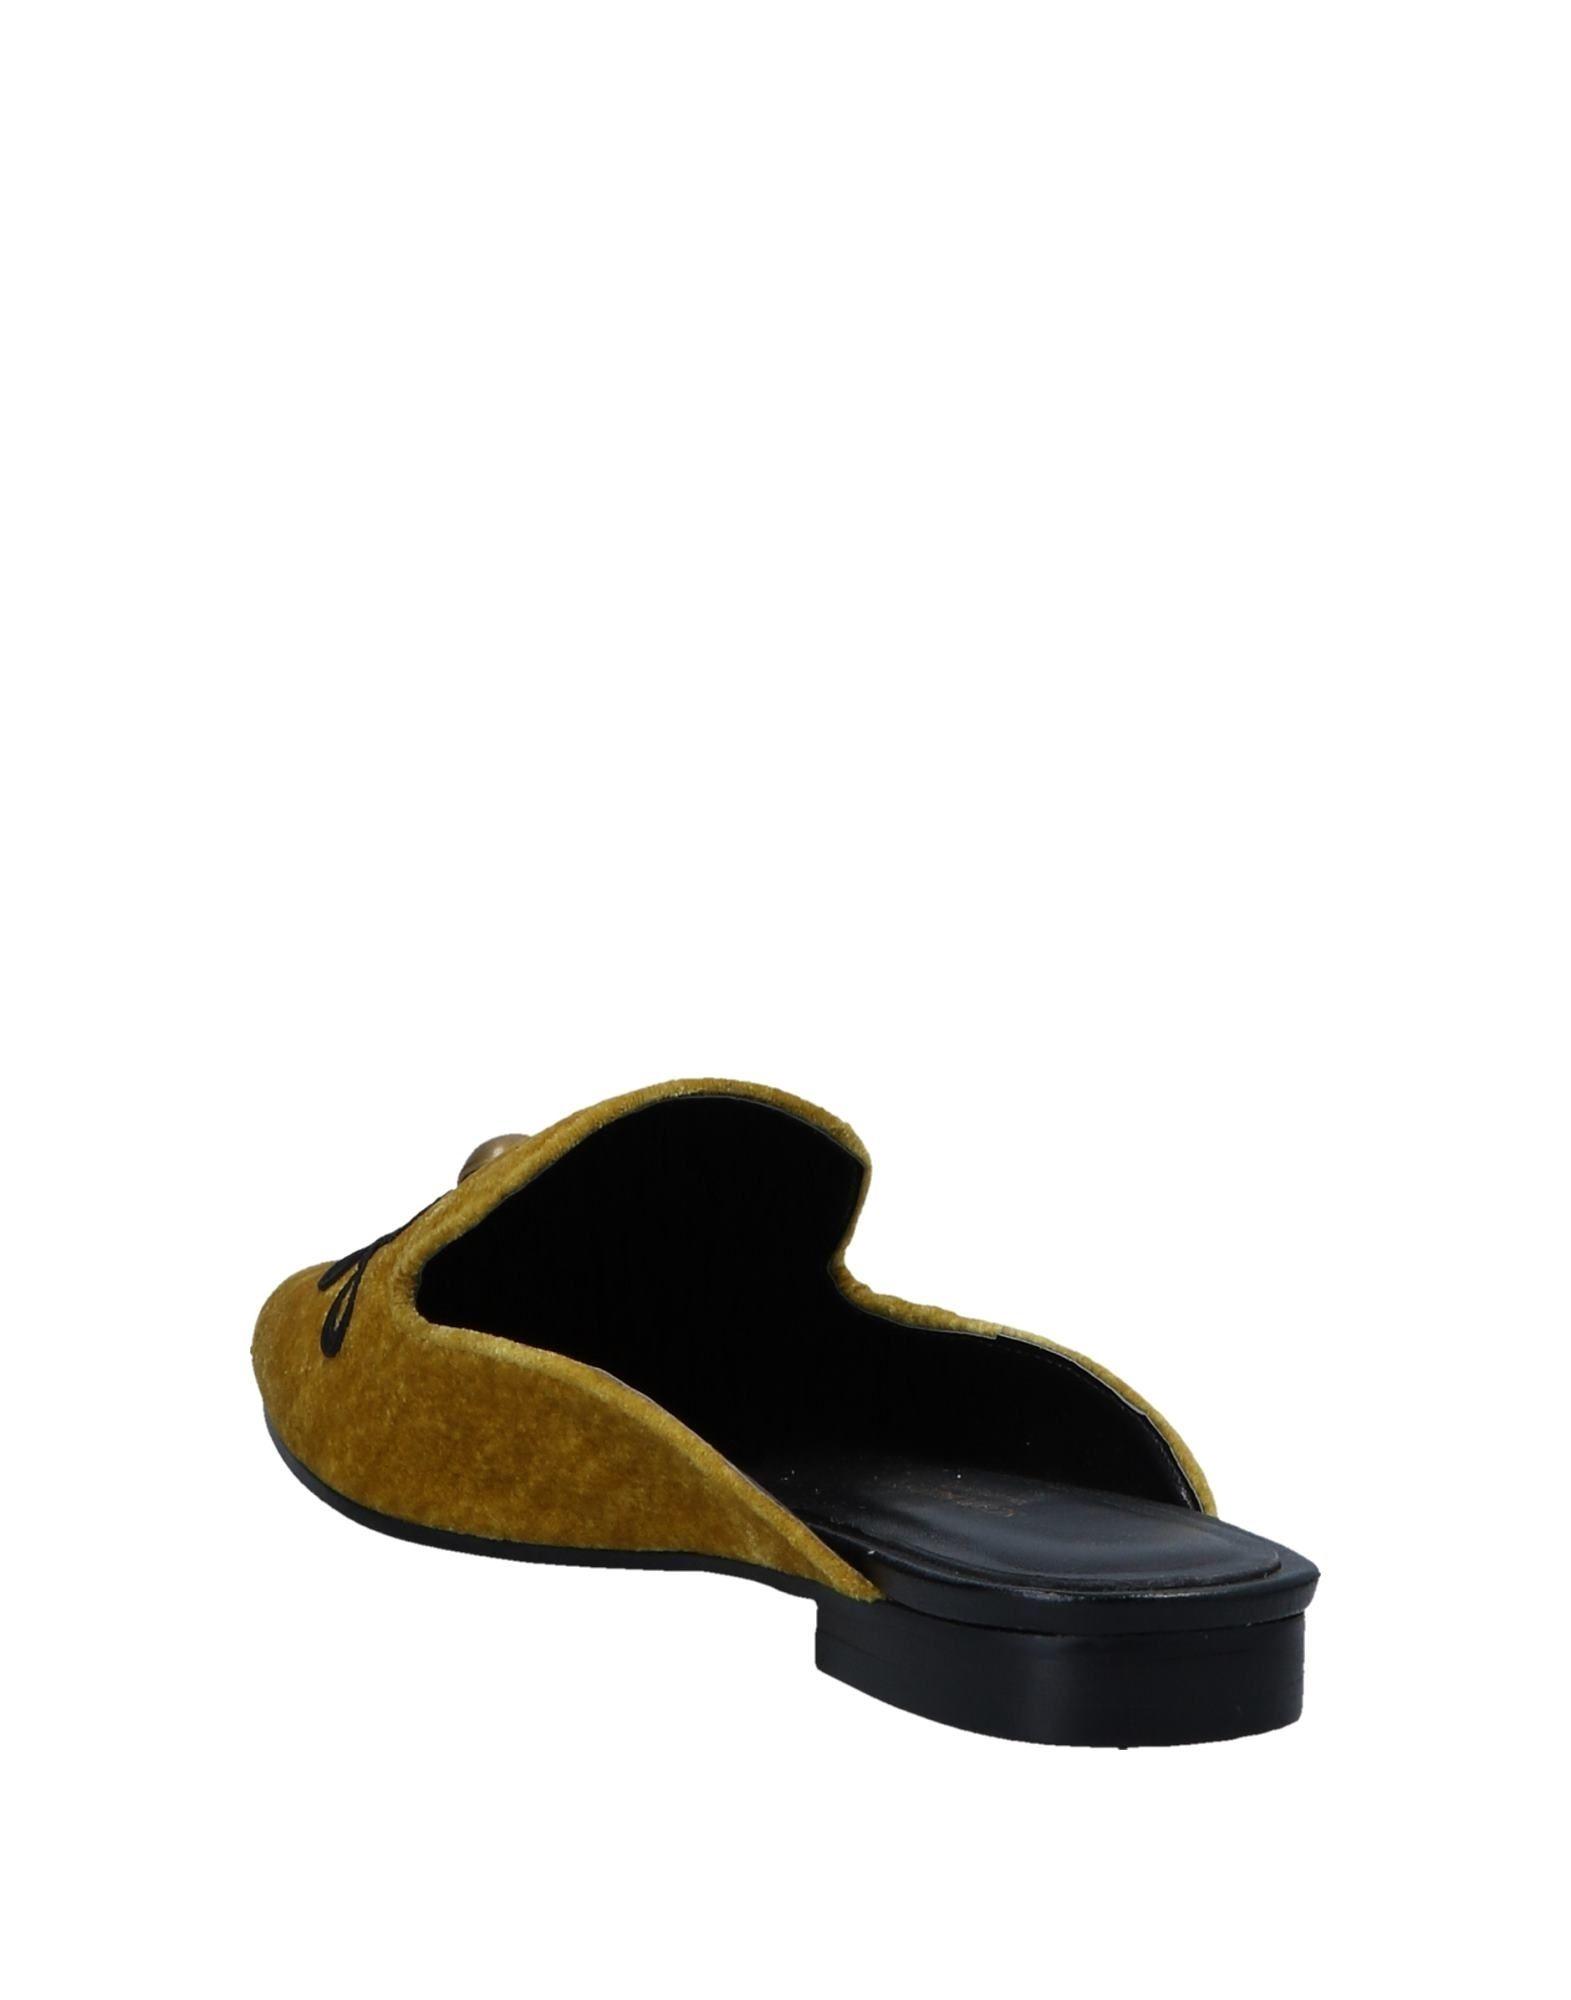 Maison Scotch Pantoletten Damen beliebte  11557503NI Gute Qualität beliebte Damen Schuhe fdfa36